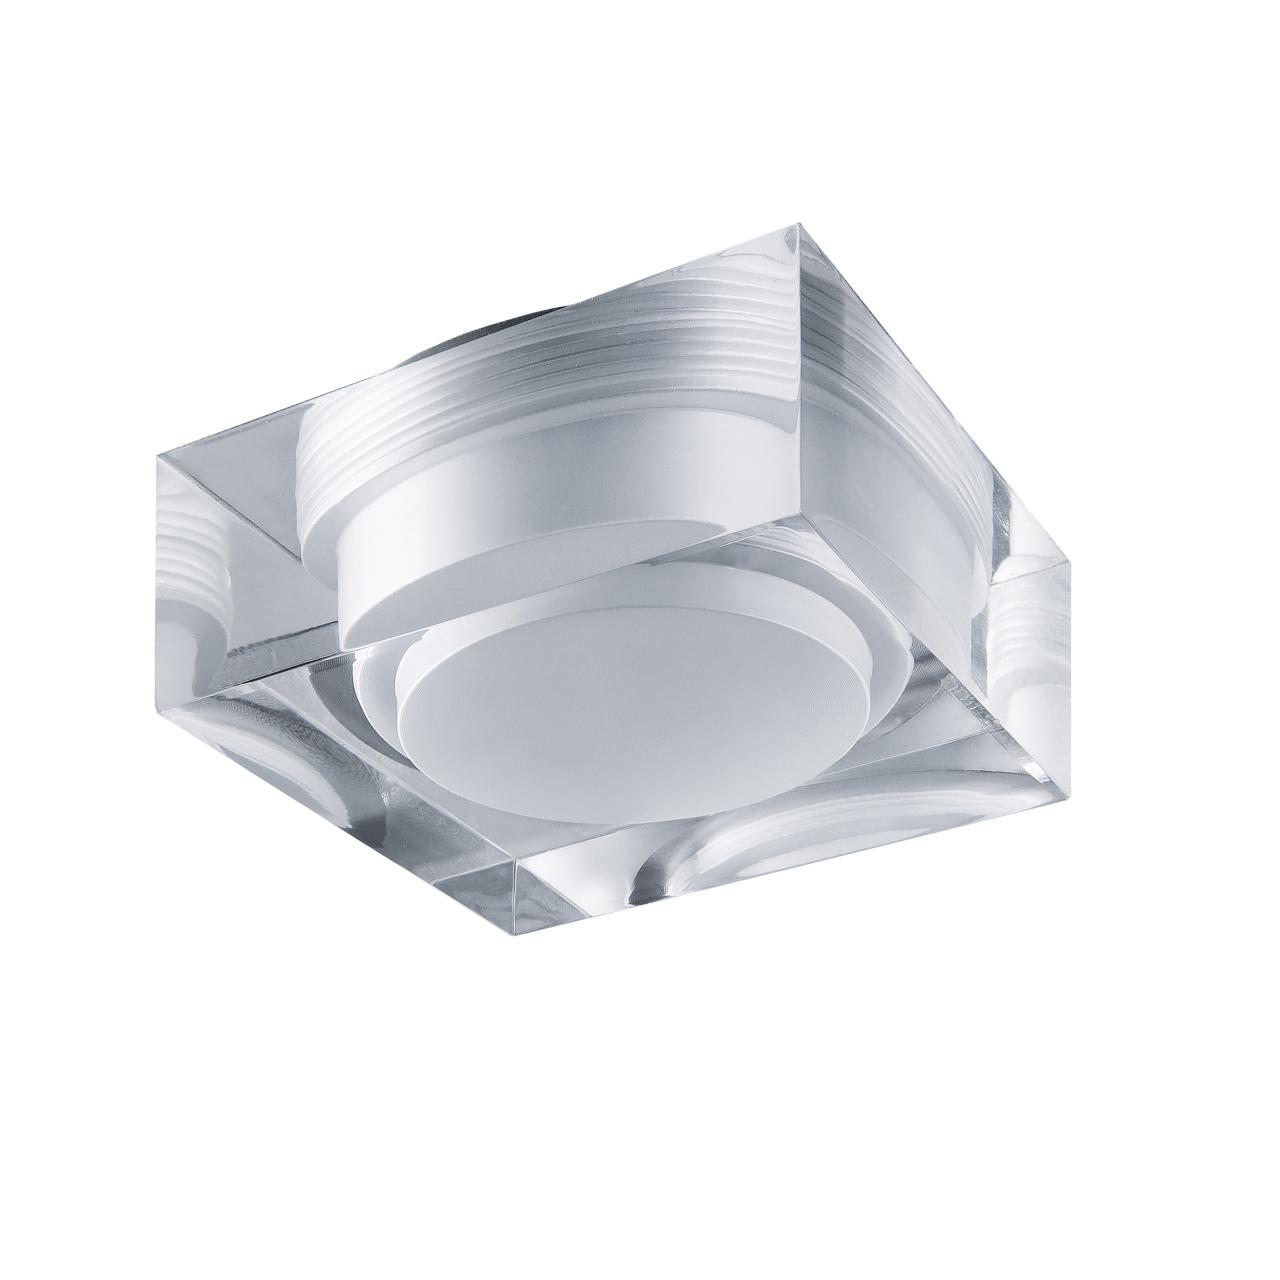 Светильник Artico qua LED 5W 400LM хром / прозрачный/матовый 3000K Lightstar 070242